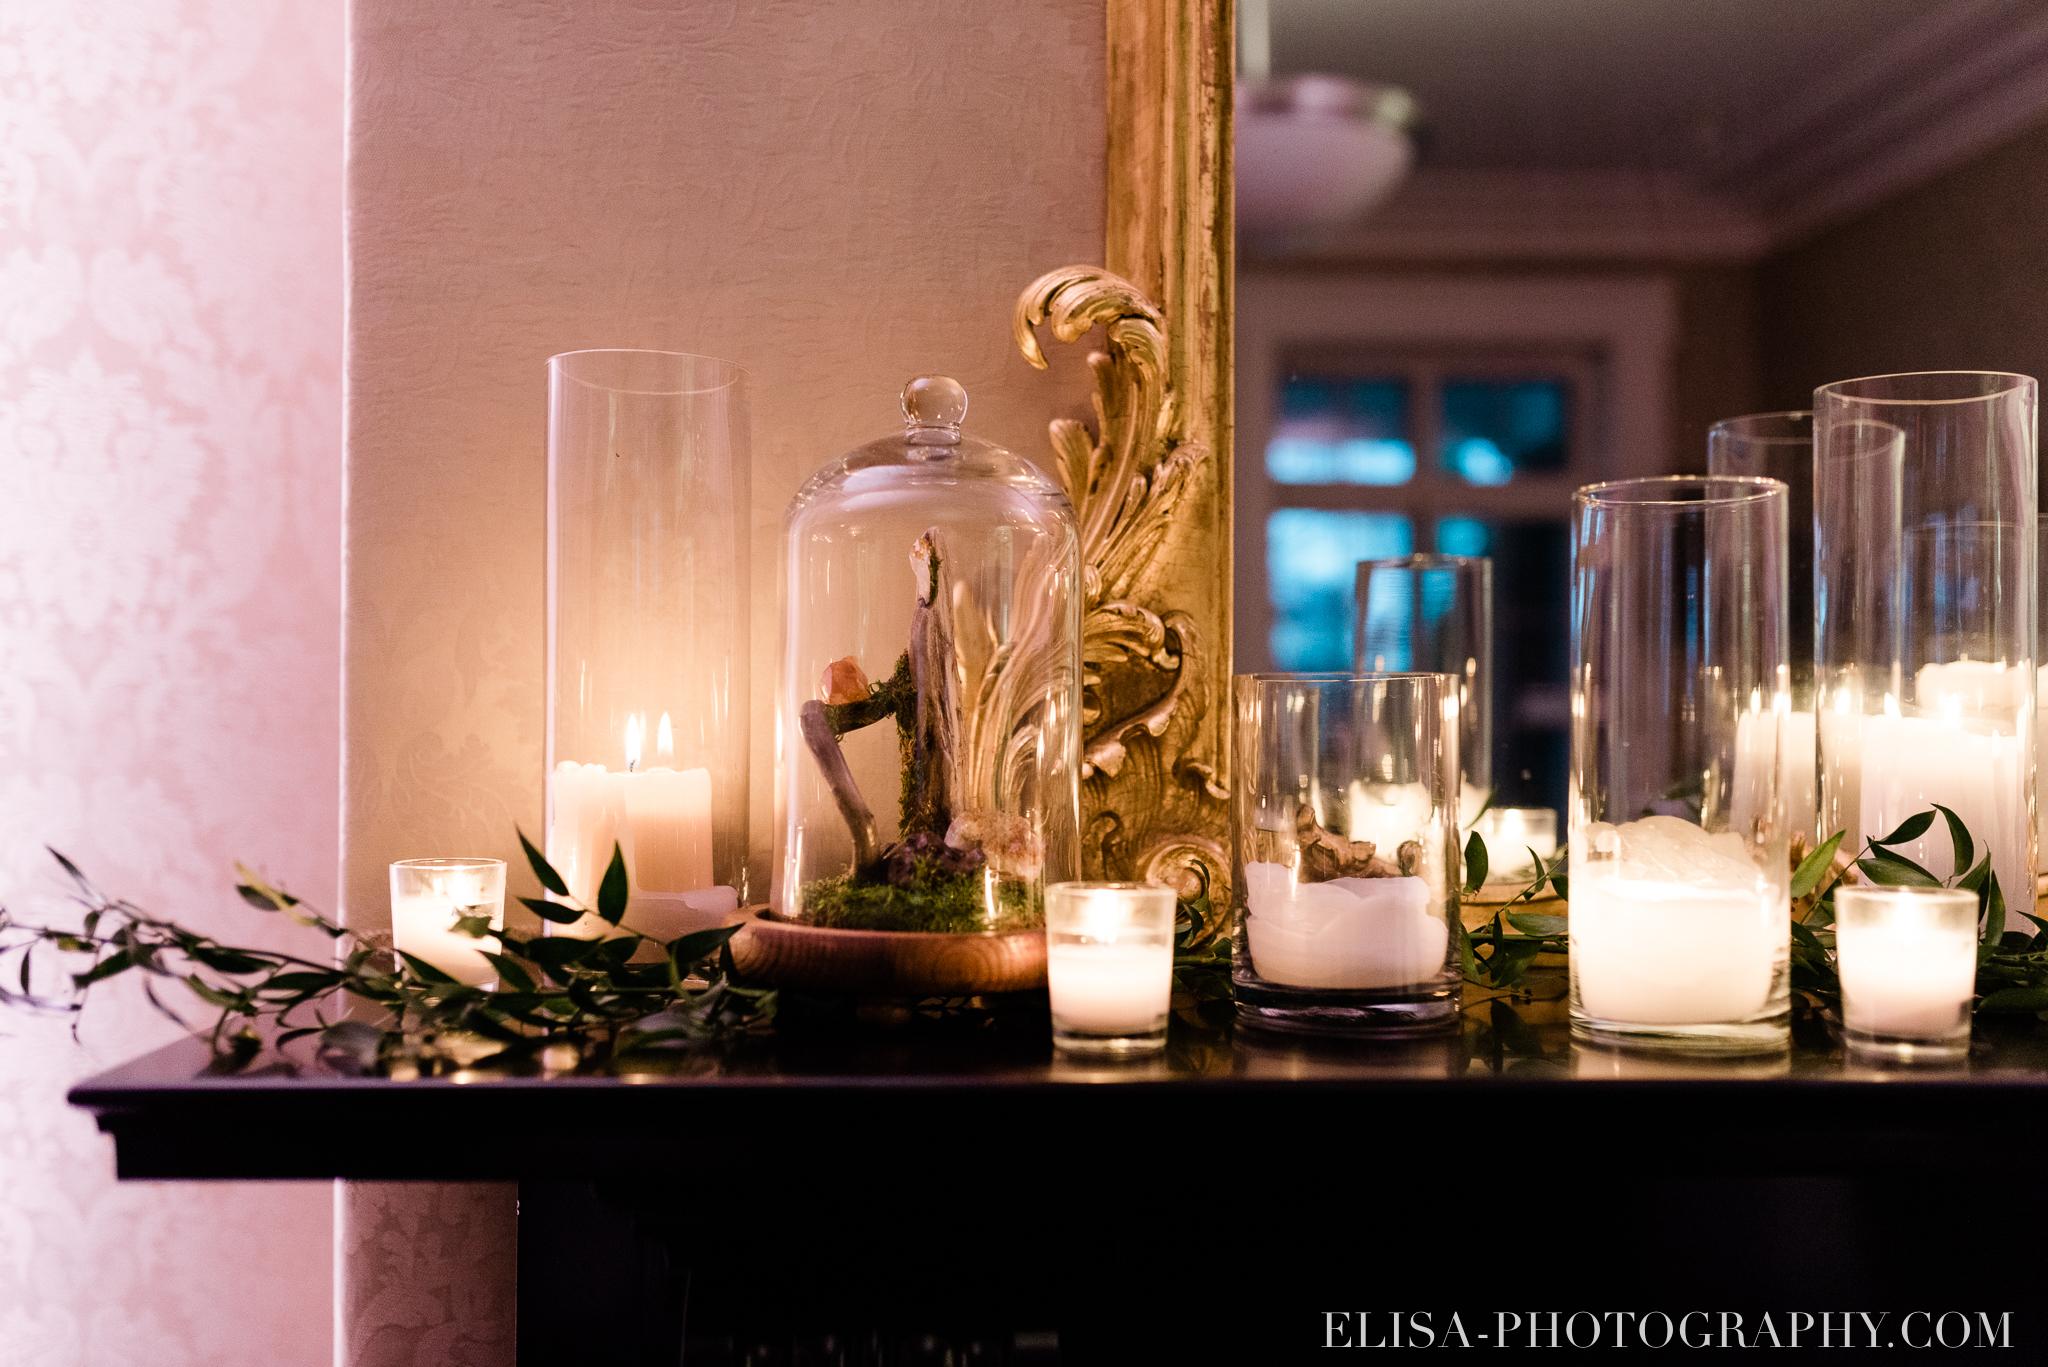 photo mariage reception chandelles foyer domaine cataraqui centres de table elisa photographe 1227 - Mariage élégant et discret au coeur du magnifique Domaine Cataraqui, Québec